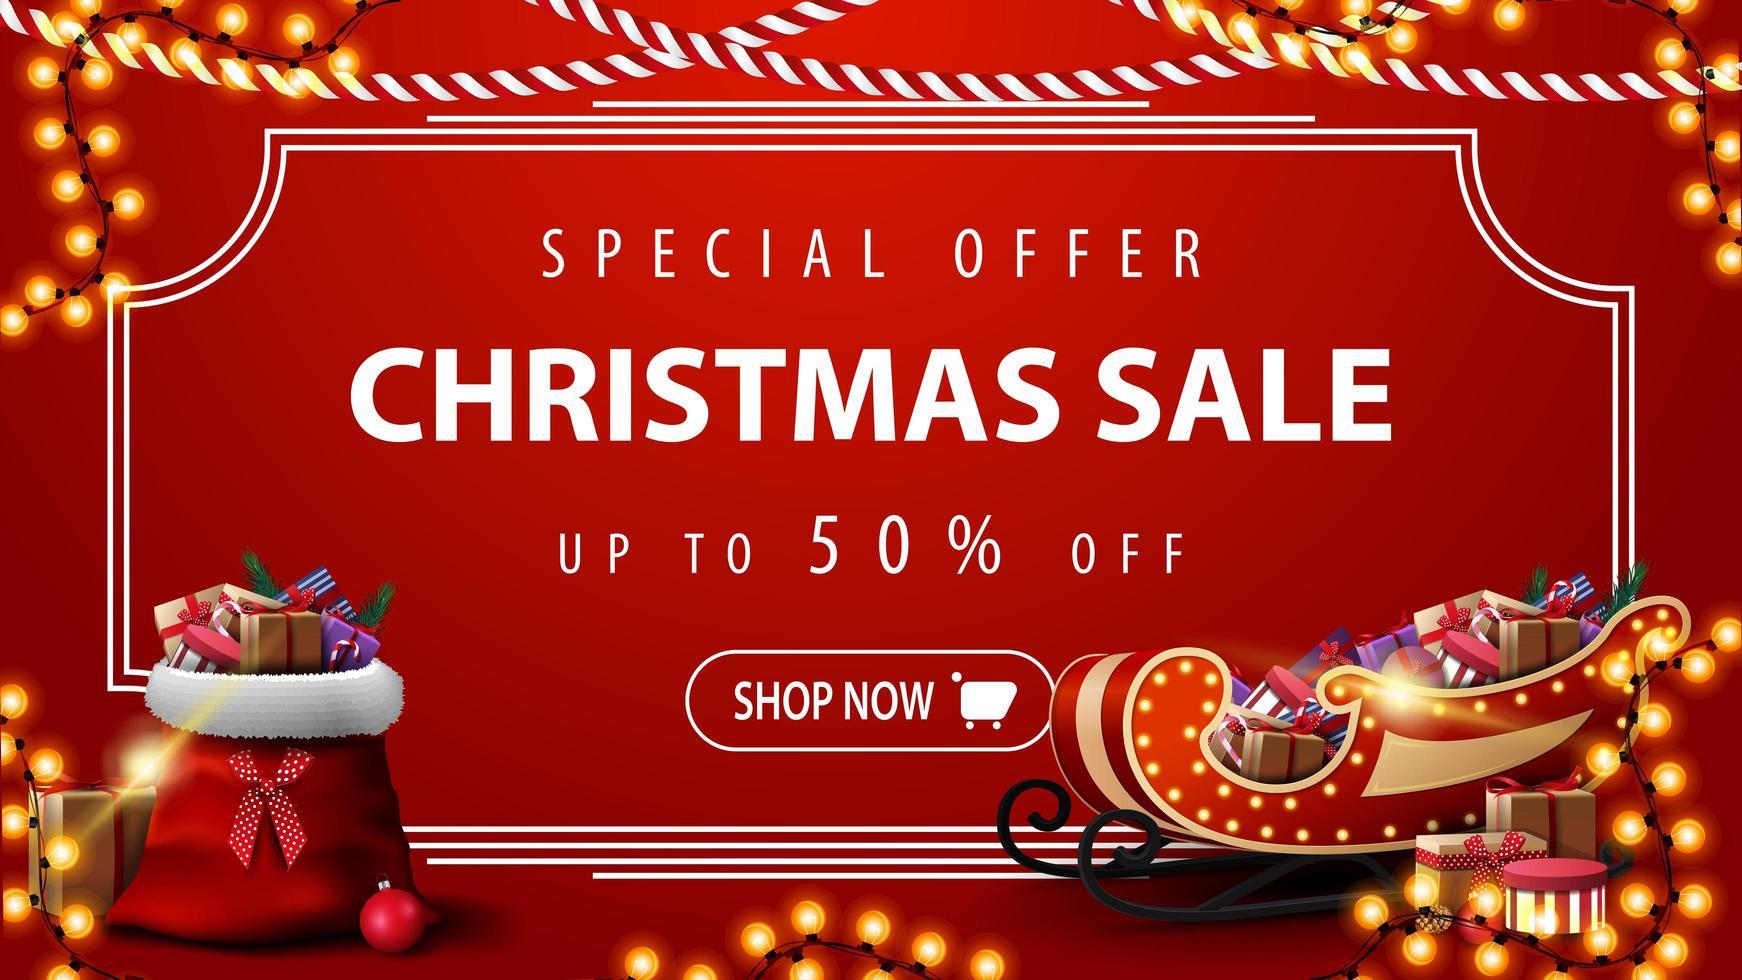 oferta especial, rebajas navideñas, hasta 50 de descuento, moderno banner rojo de descuento con marco vintage, guirnaldas, bolsa de santa claus y trineo de santa con regalos vector